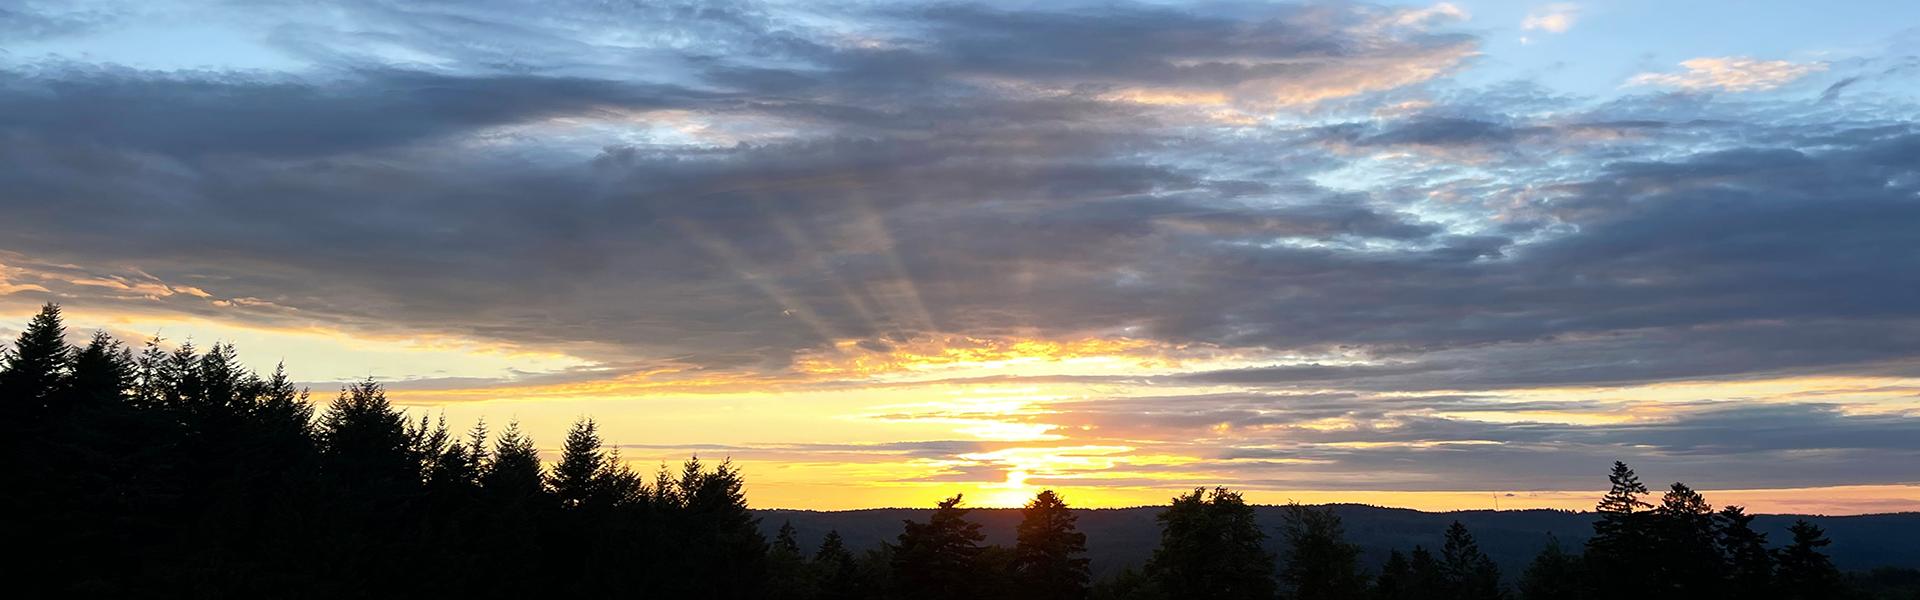 Sonnenuntergang_zugeschnitten